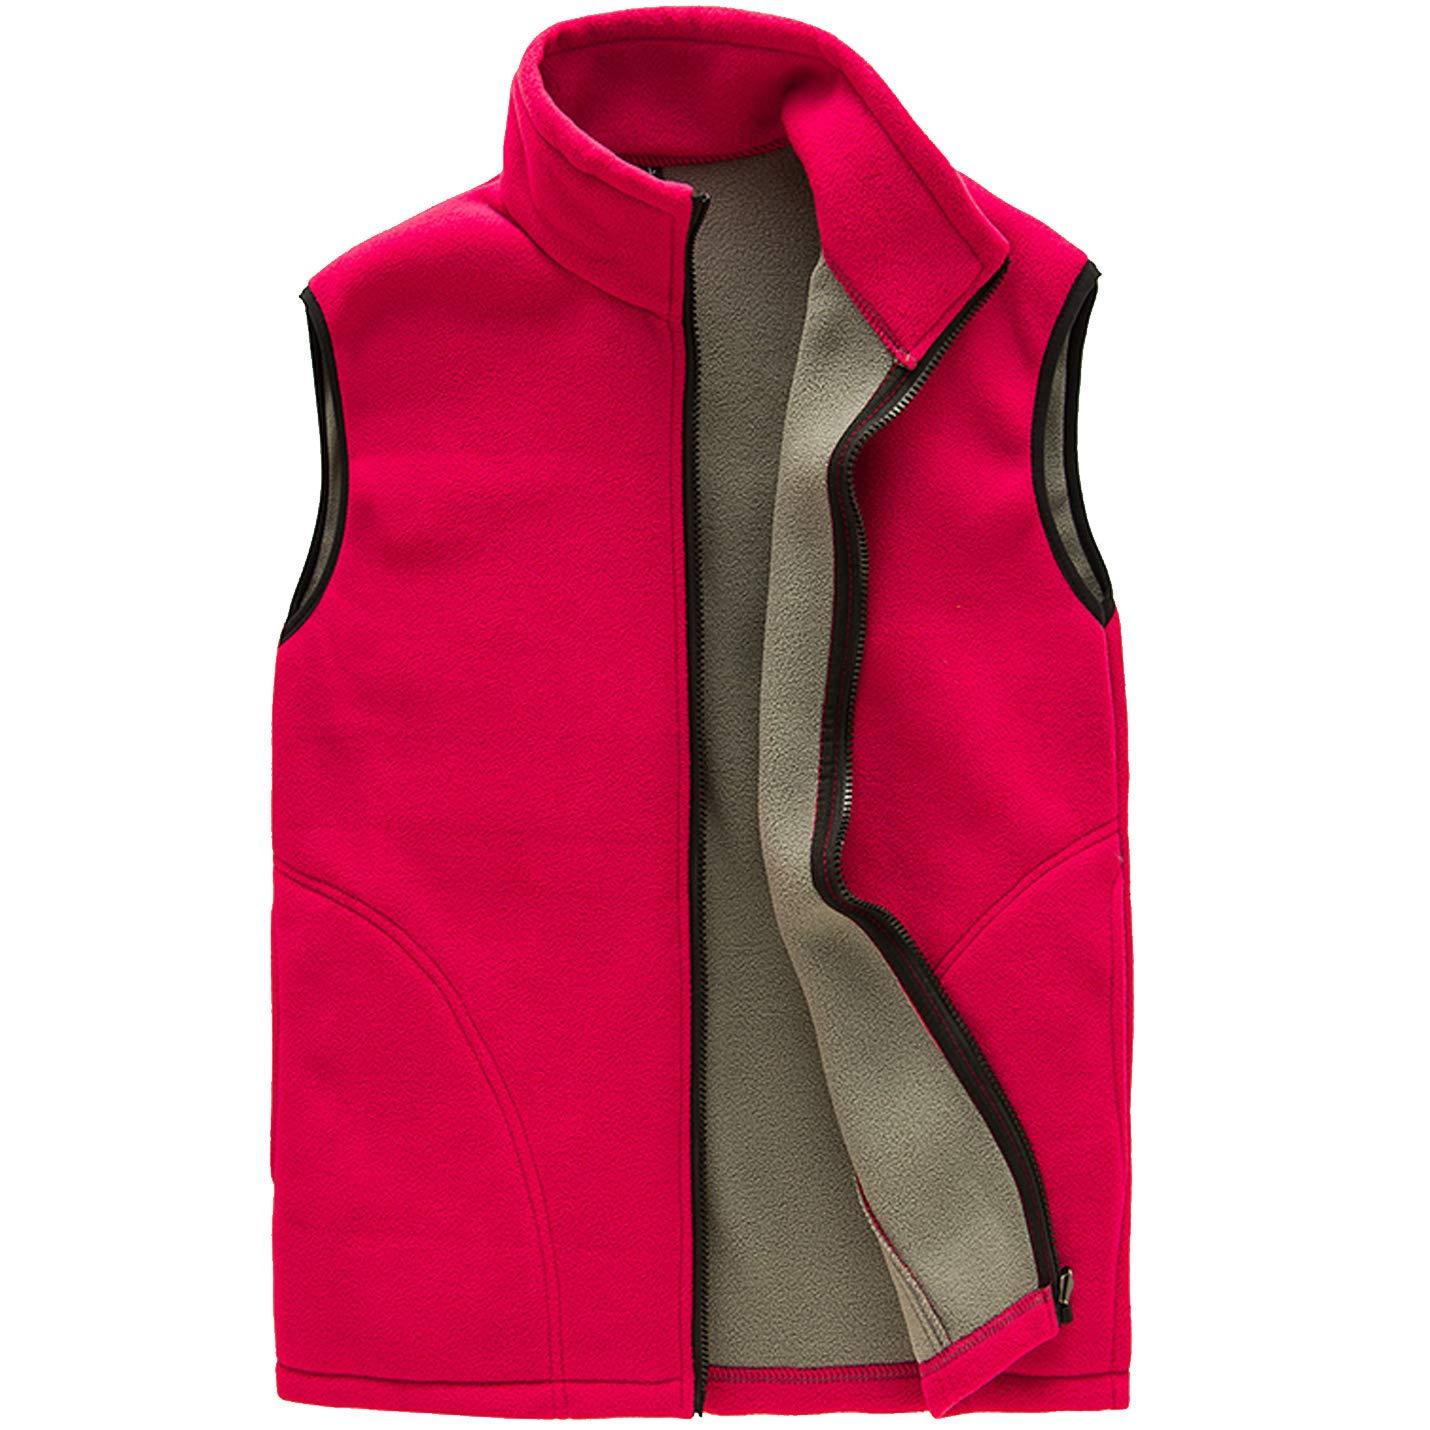 Flygo Men's Full Zip Up Soft Lightweight Utility Outdoor Mountain Fleece Vest